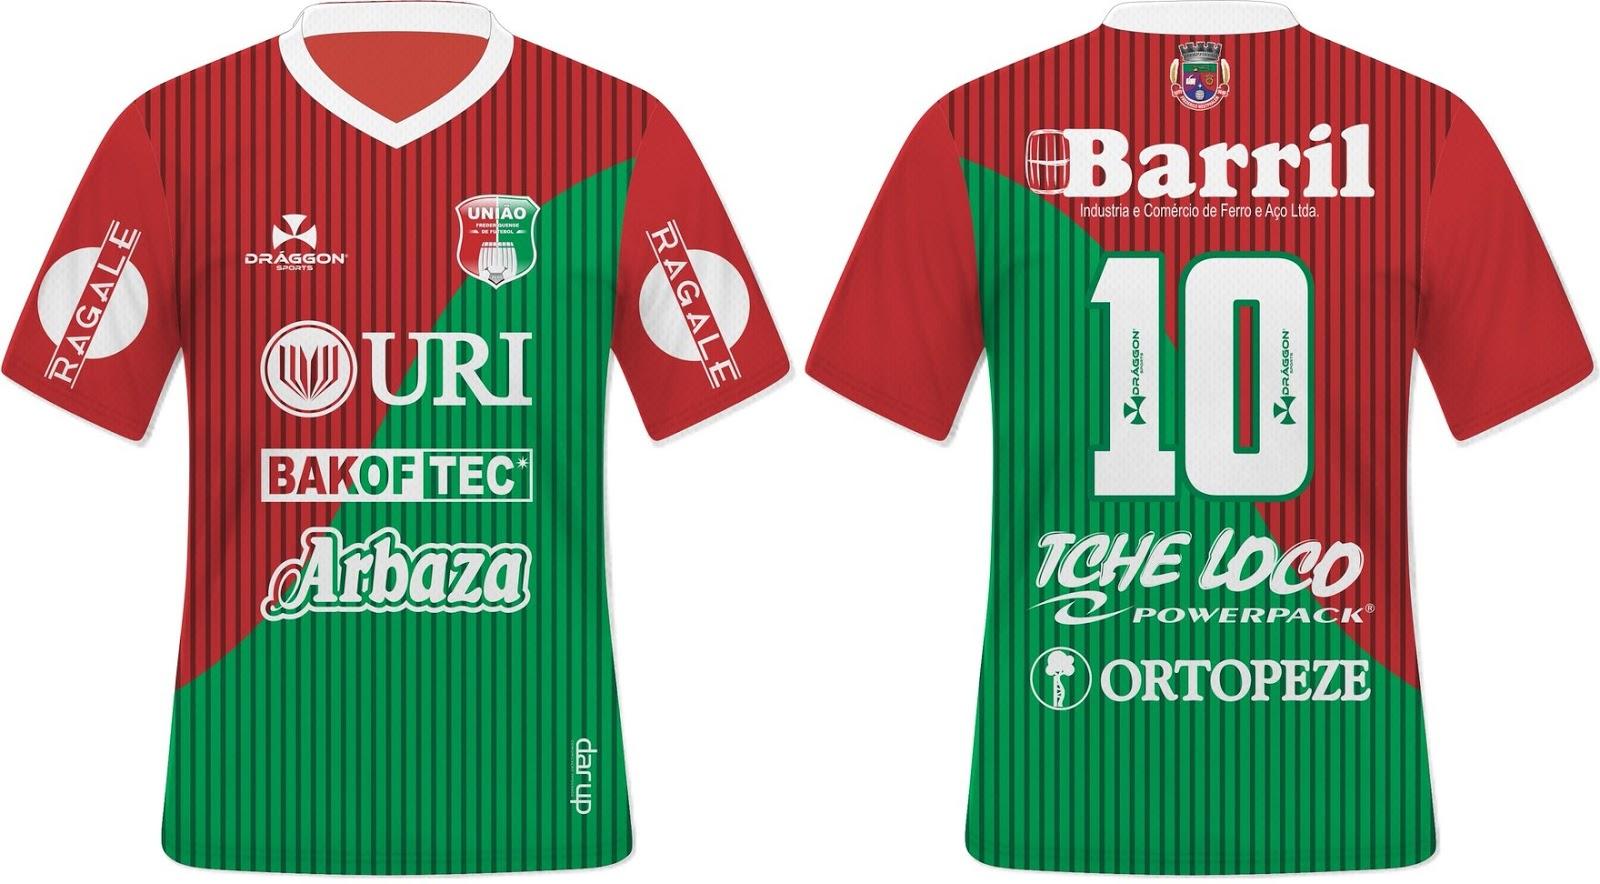 f6dec10d06 Draggon divulga as novas camisas do União Frederiquense - Show de ...